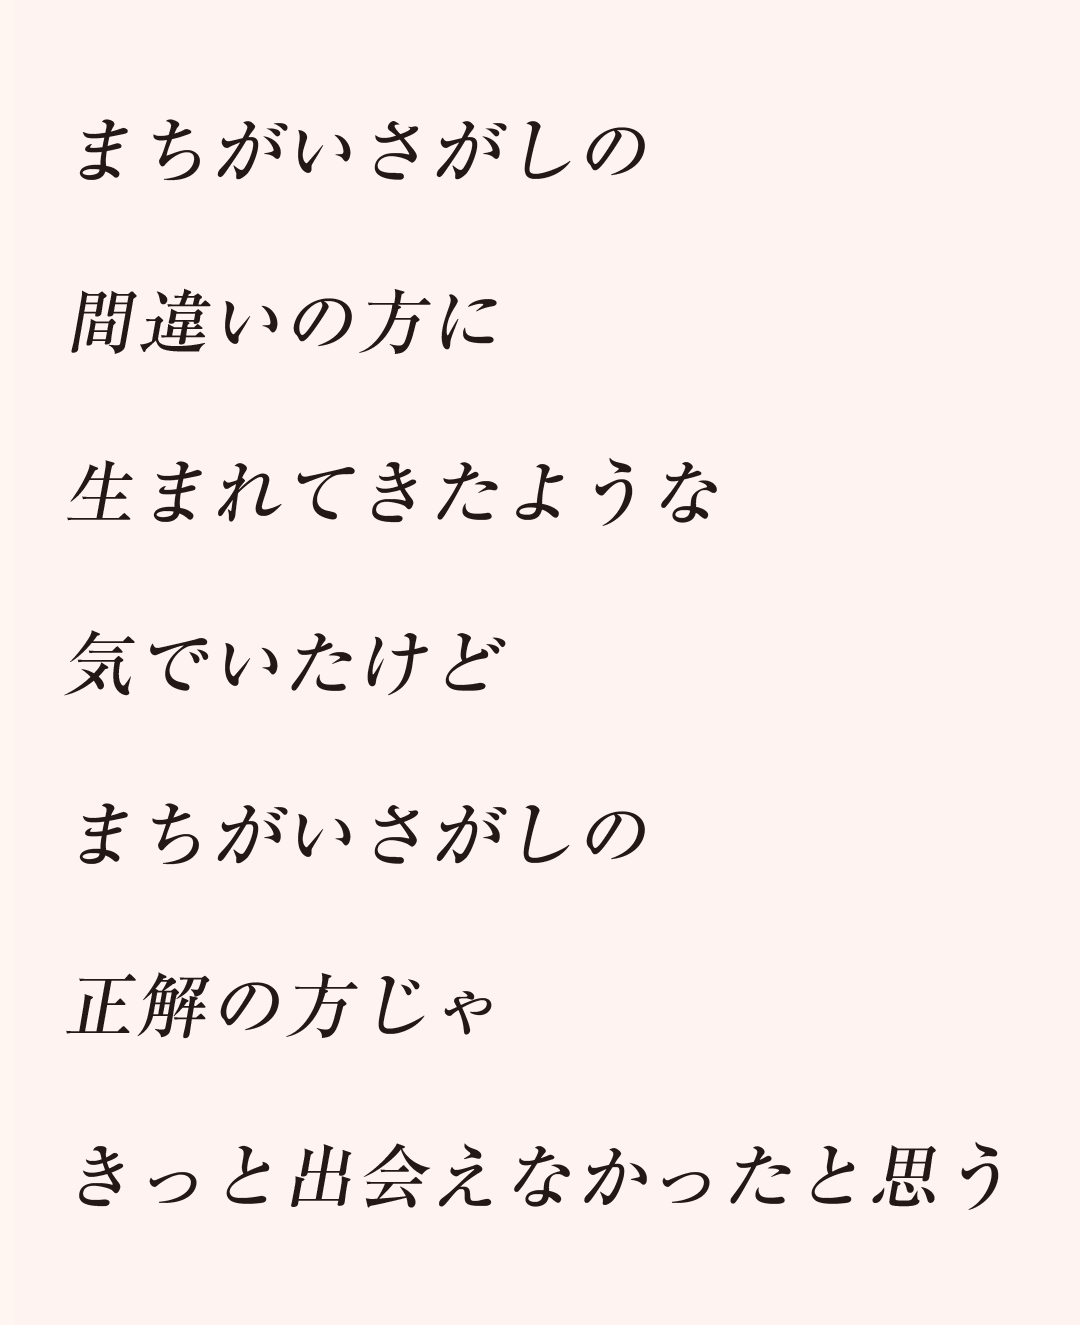 菅田将暉『まちがいさがし』を読み解く!【ヒャダインのこの歌詞がすげえ!】_1_2